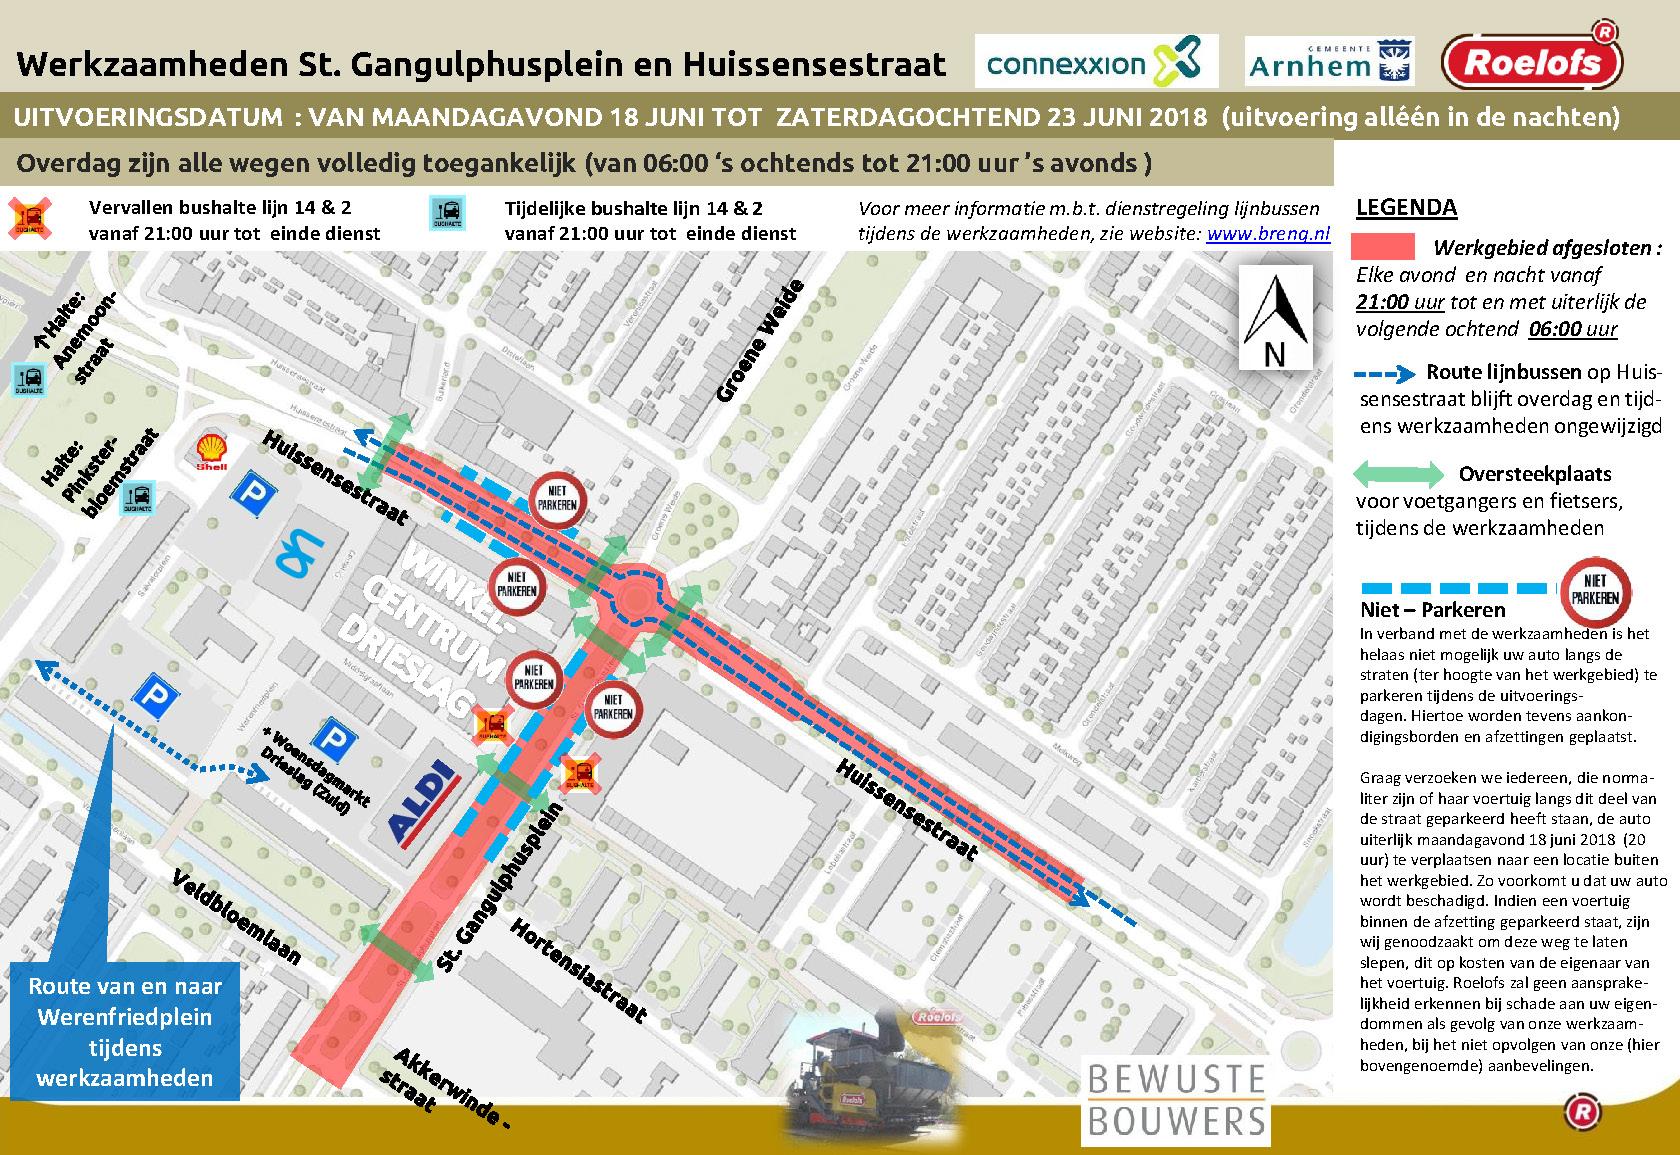 Werkzaamheden Huissensestraat en St. Gangulphusplein juni 2018